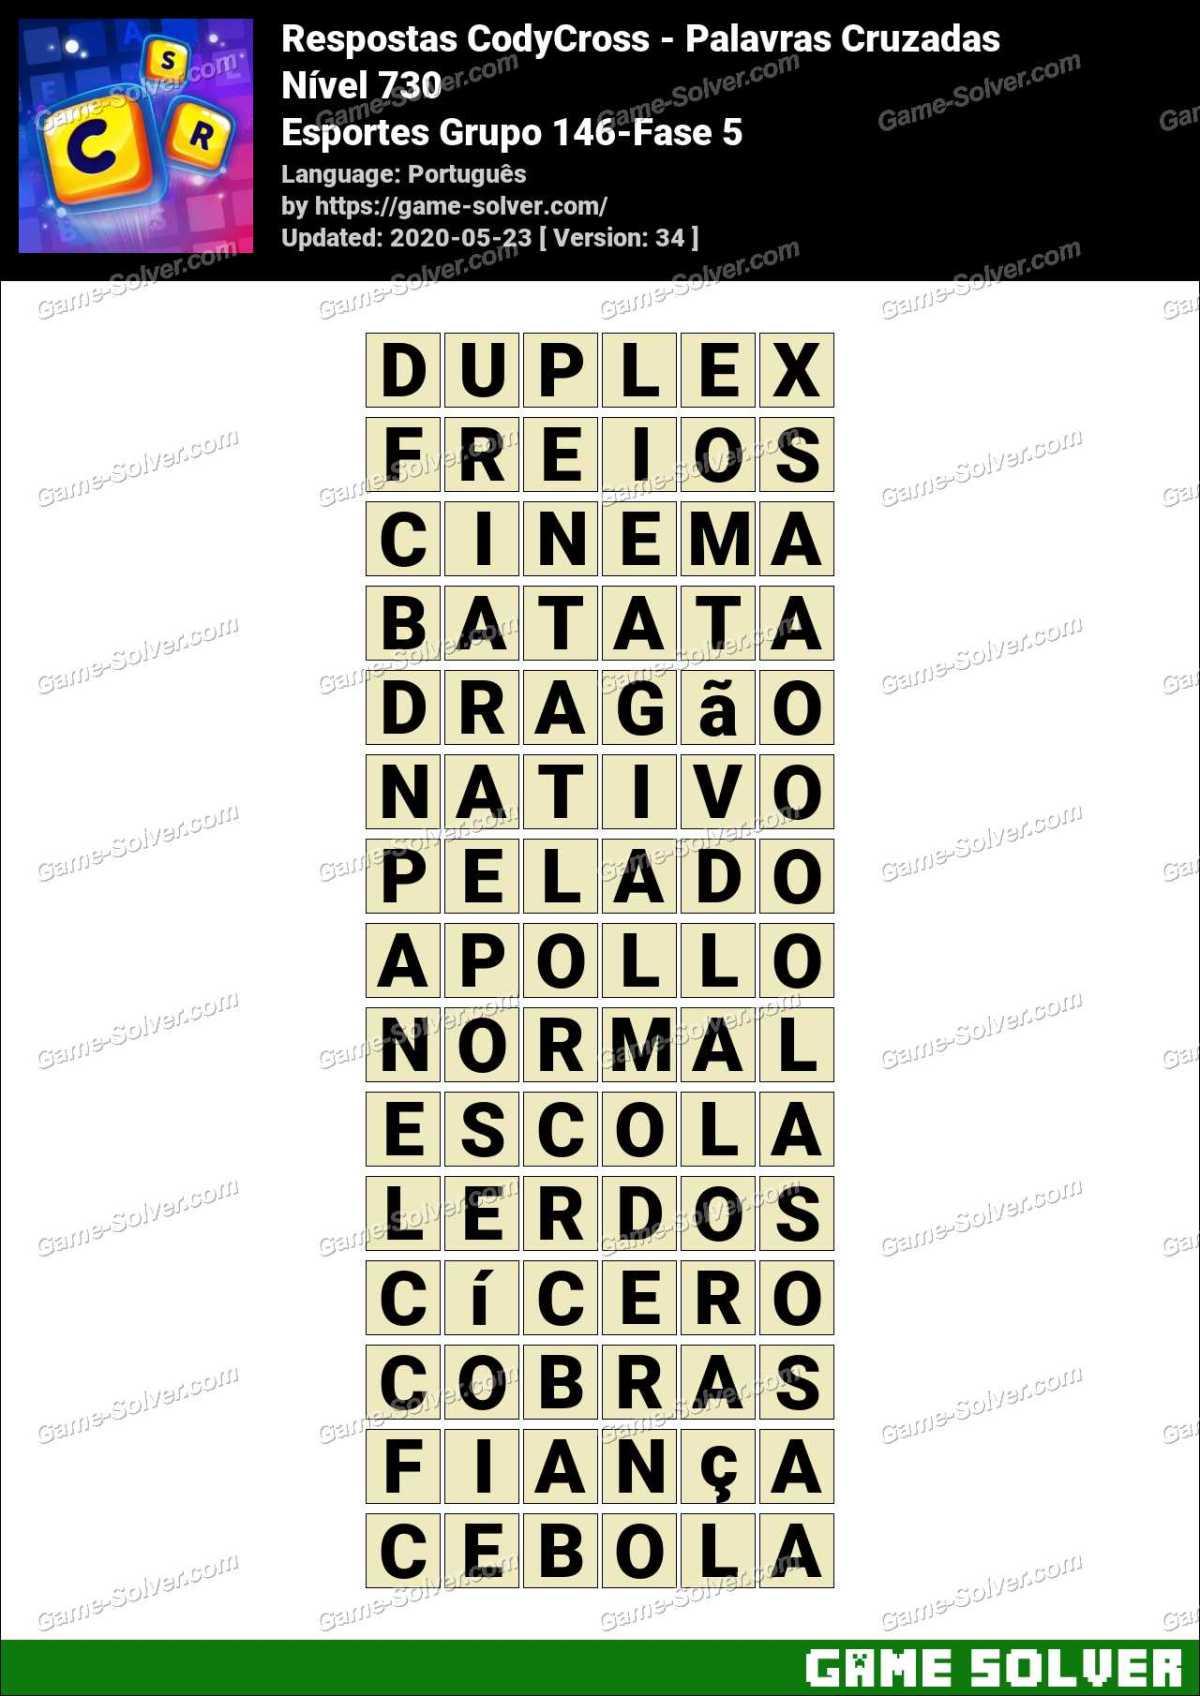 Respostas CodyCross Esportes Grupo 146-Fase 5